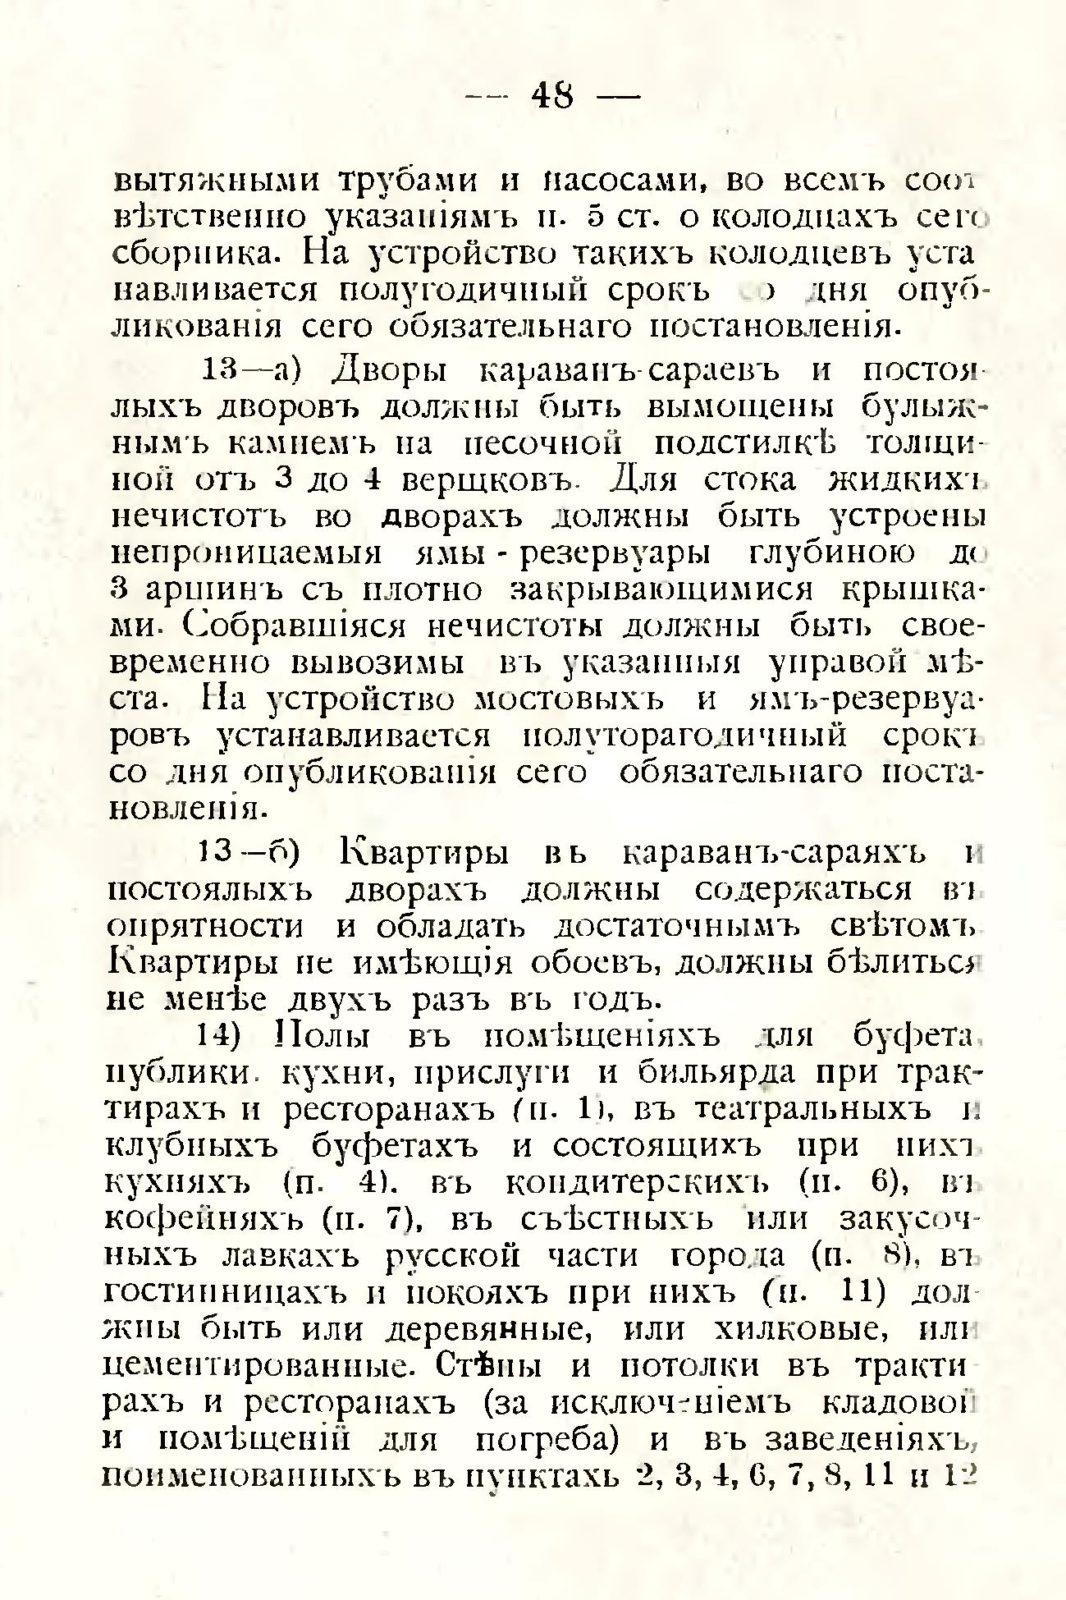 sbornik_obyazatelnyh_postanovlenii_tashkentskoi_gorodskoi_du_52